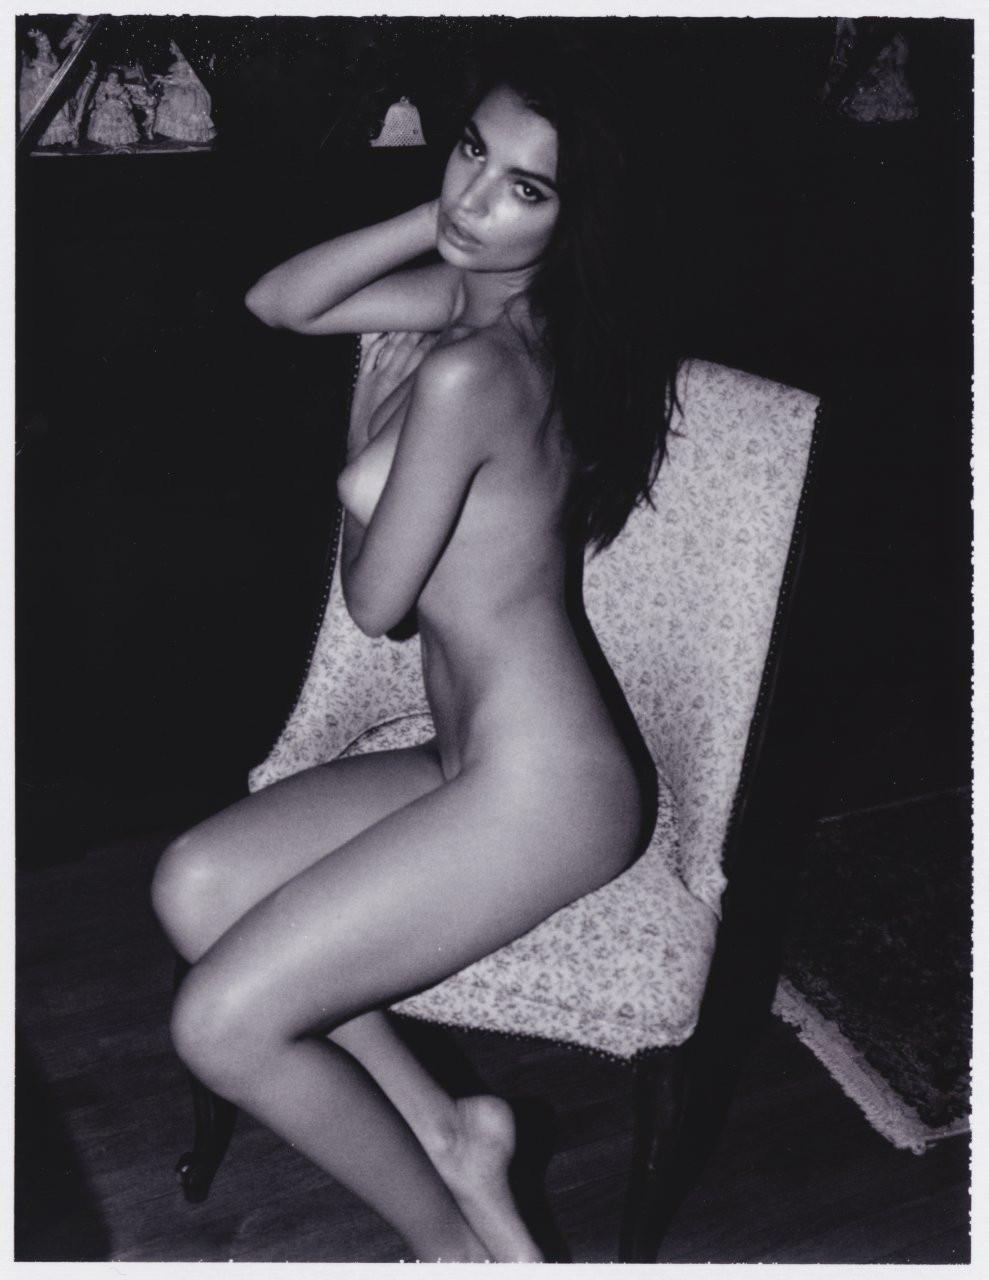 Emily Ratajkowski Naked 11 TheFappening.nu